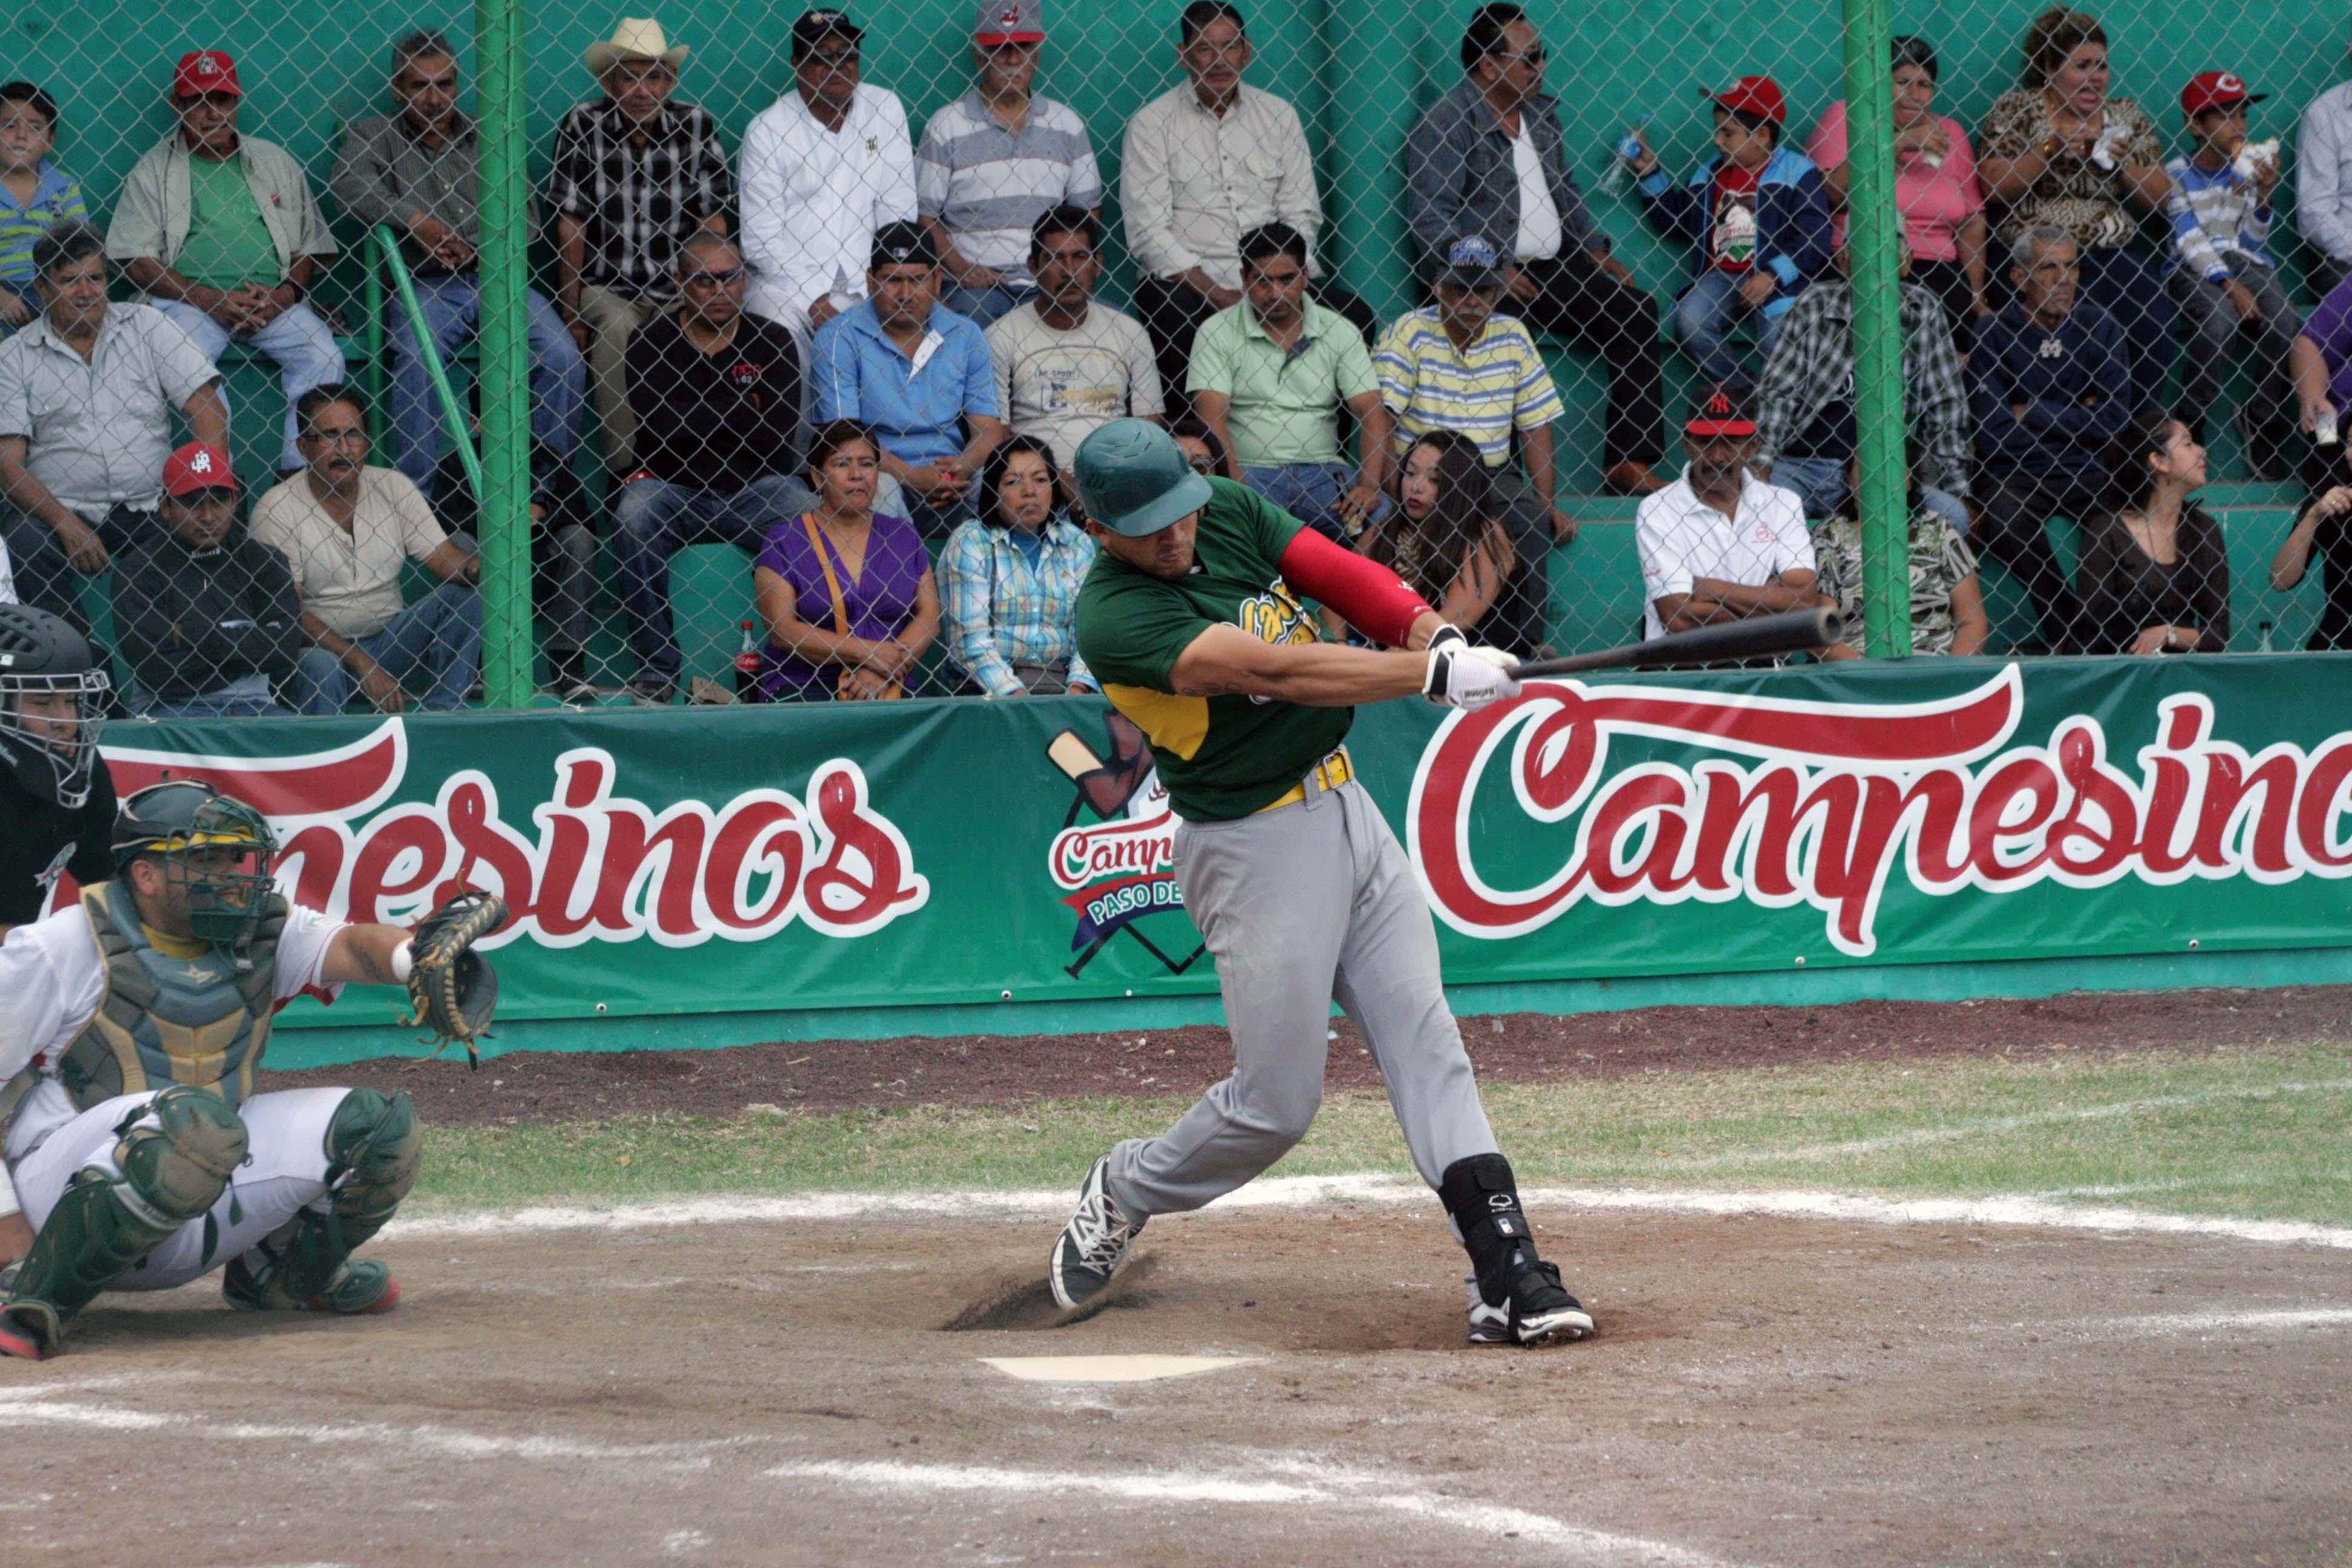 Chileros de Xalapa se llevan el segundo de la serie contra Campesinos